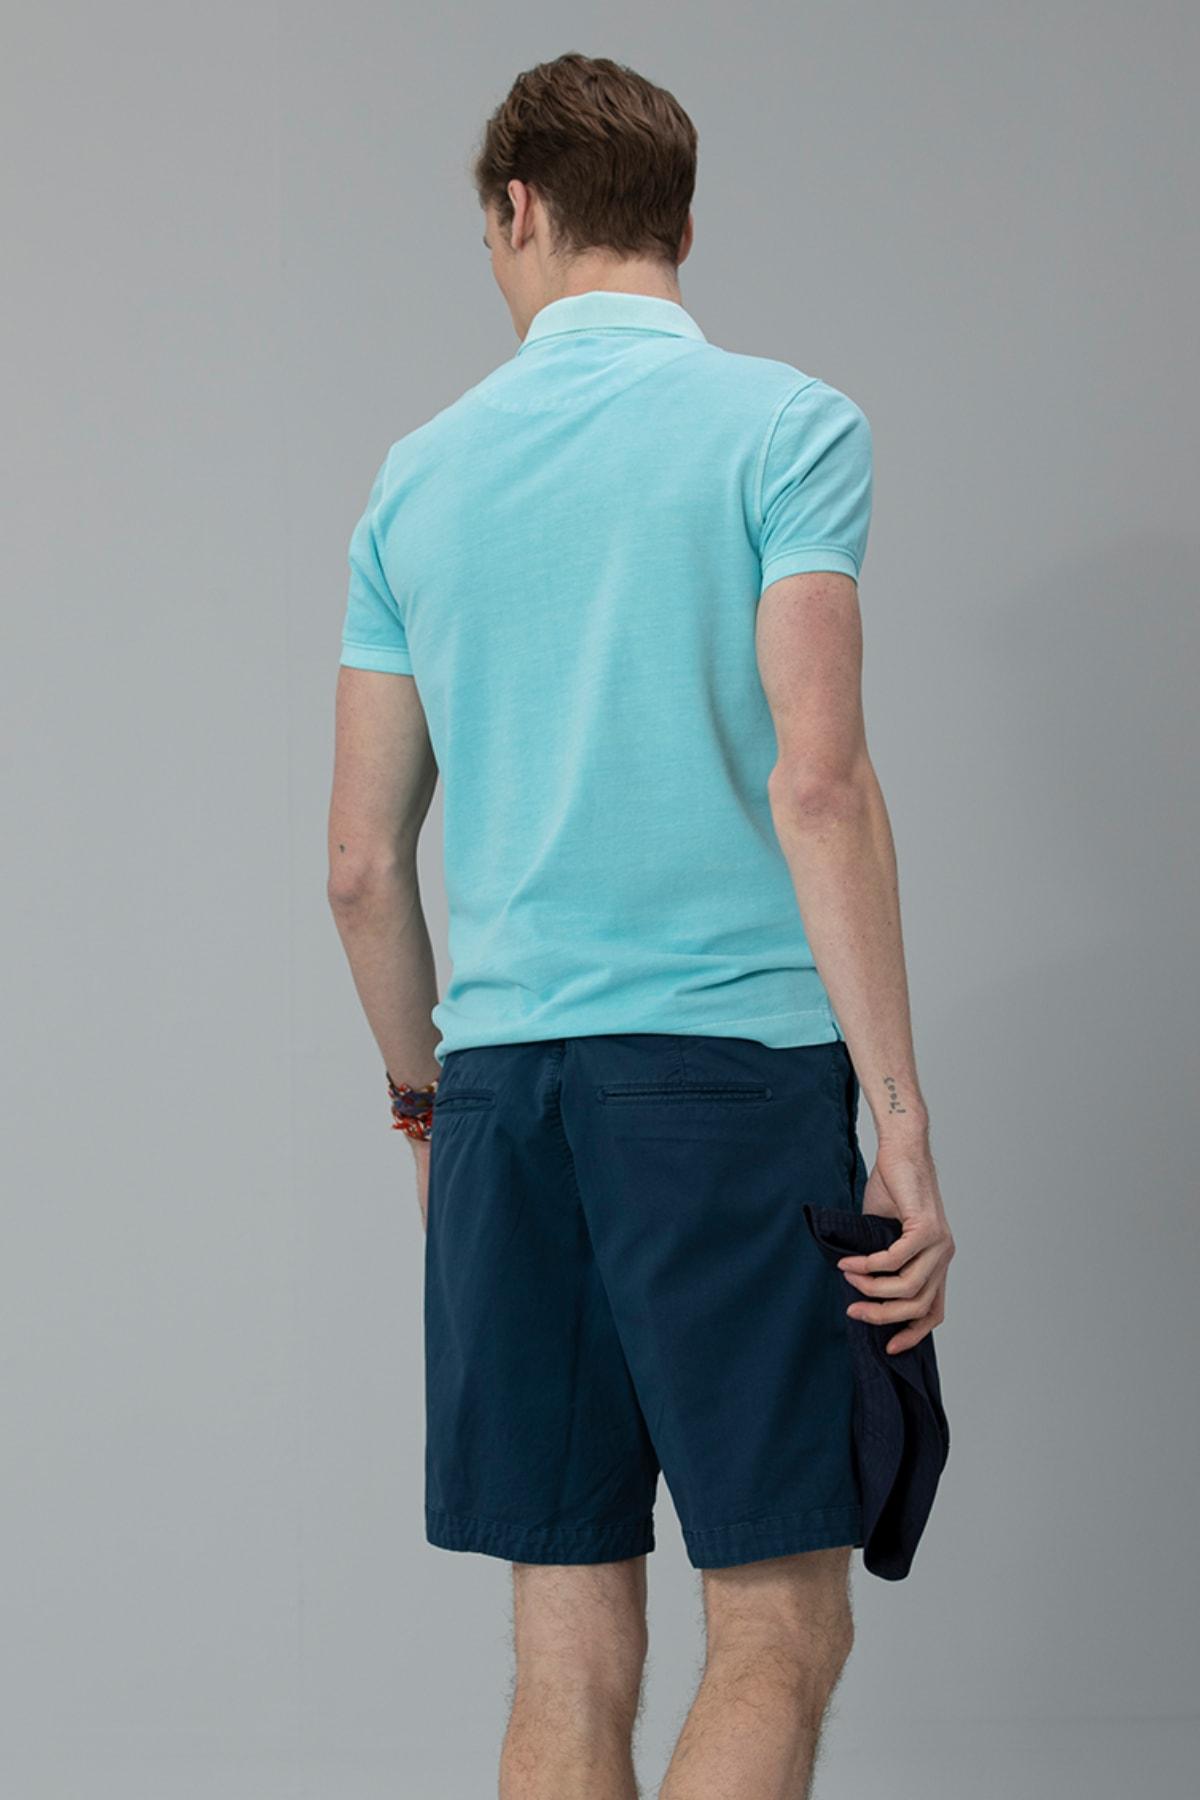 Lufian Vernon Spor Polo T- Shirt Aqua 4